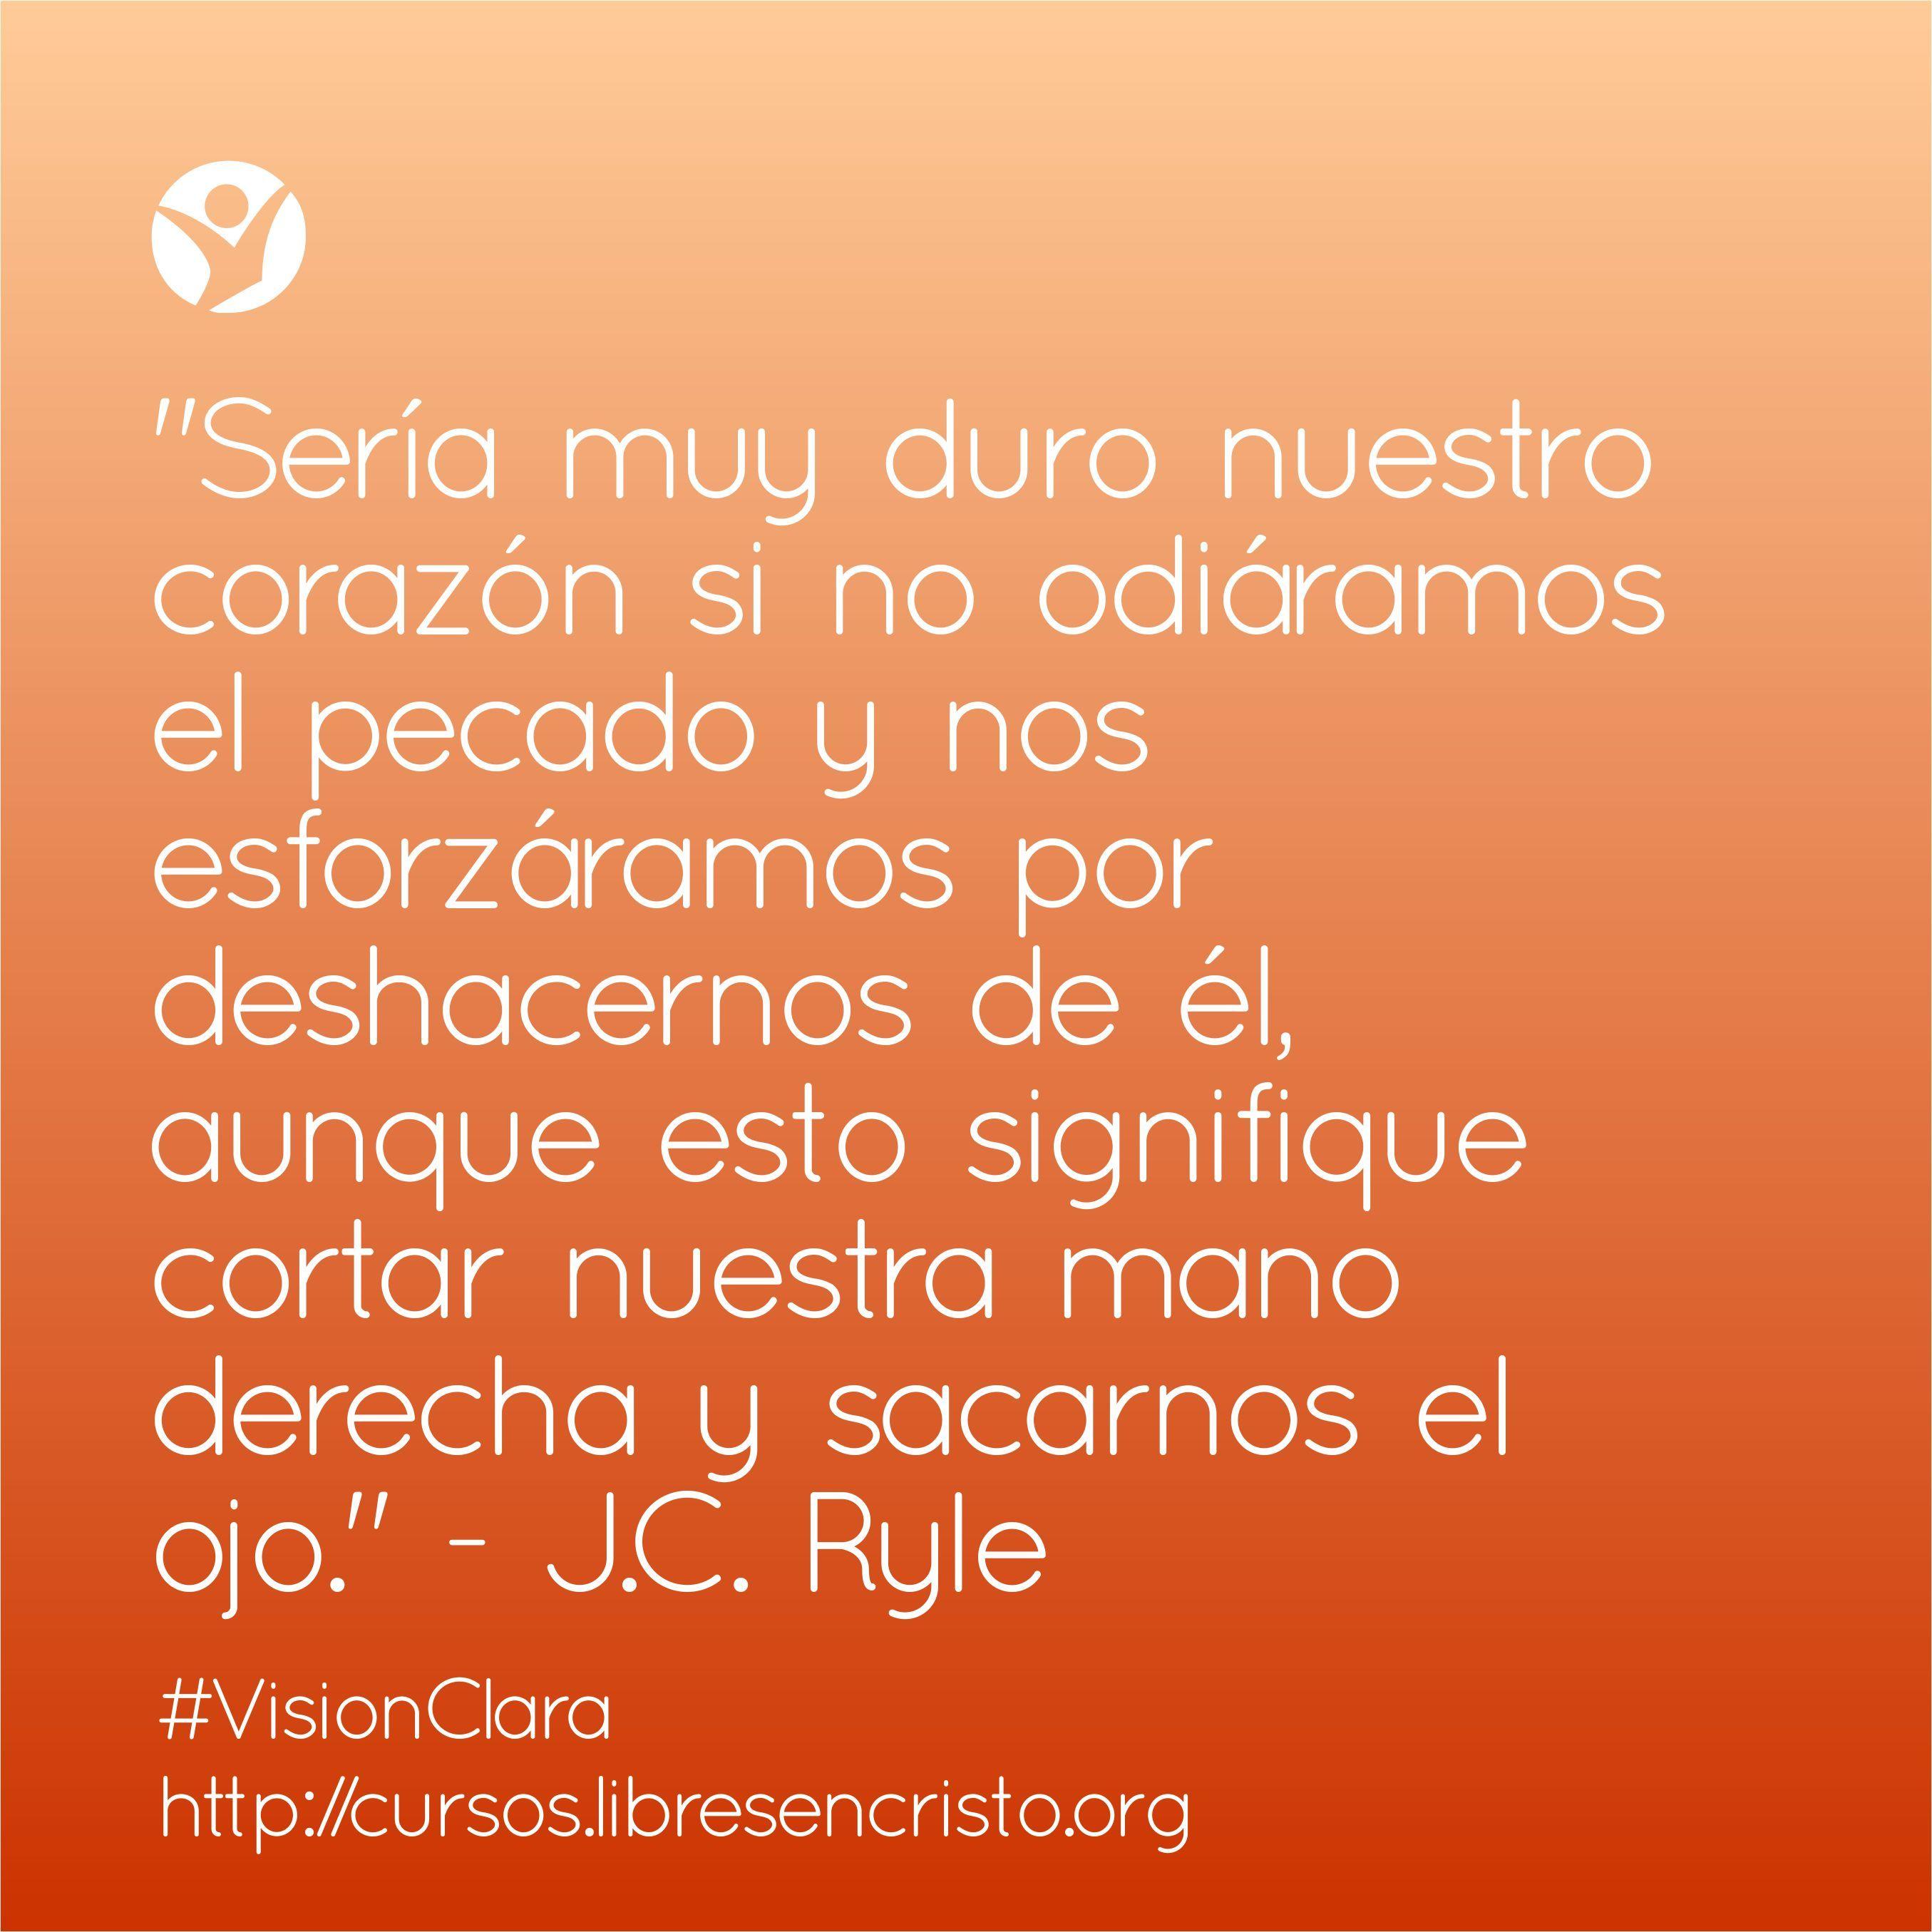 Inscríbete hoy en #VisionClara, nuestro curso para dejar el consumo de pornografía, en este enlace: bit.ly/Kn70Dm #Biblia #santidad #libertad #Dios #pecado #purezasexual #restauracion #corteradical